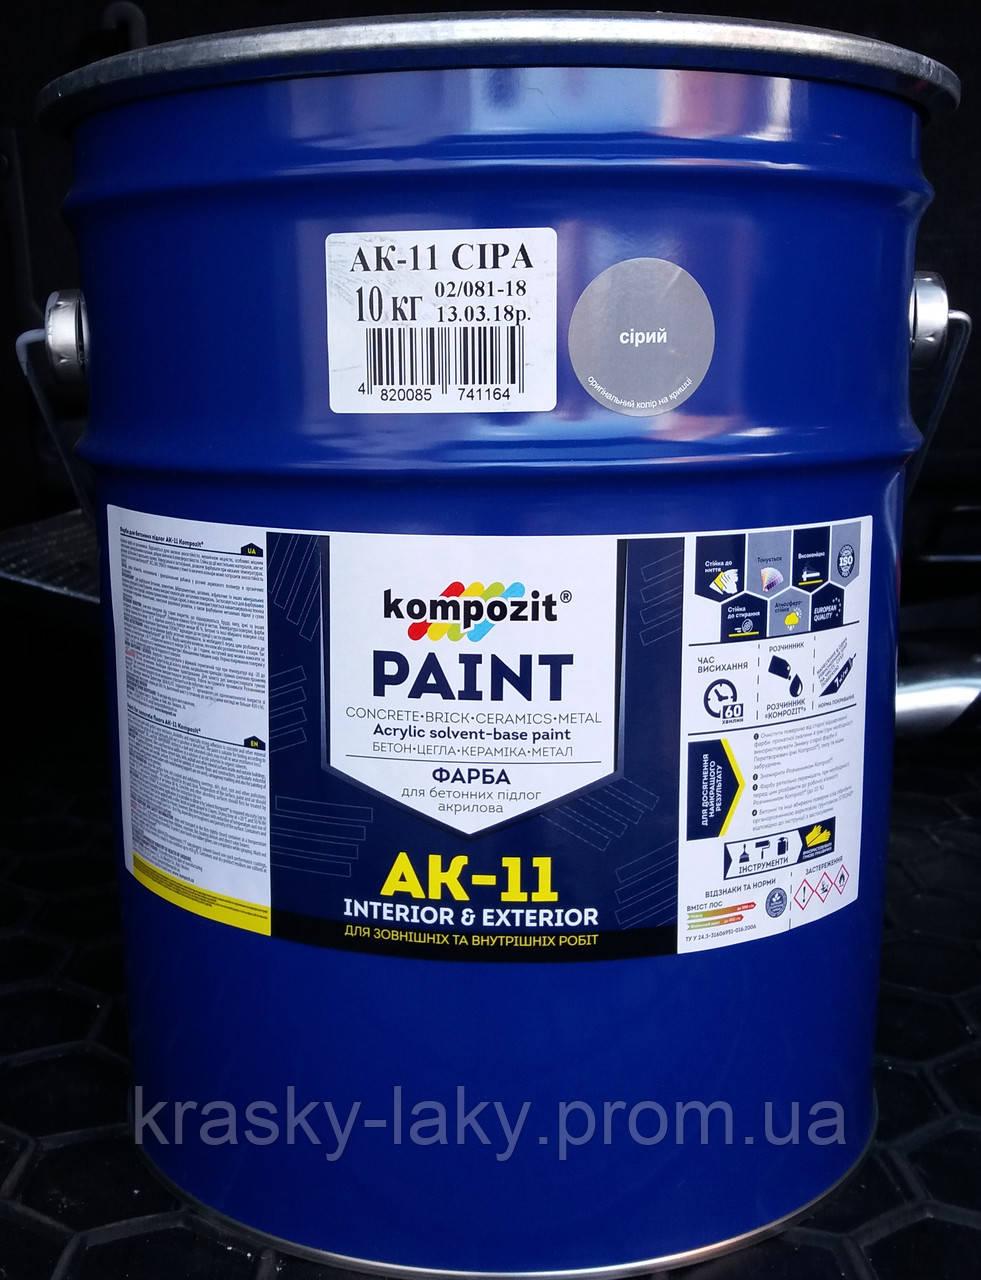 Краска для бетонных полов АК-11 Kompozit серая, 10кг.